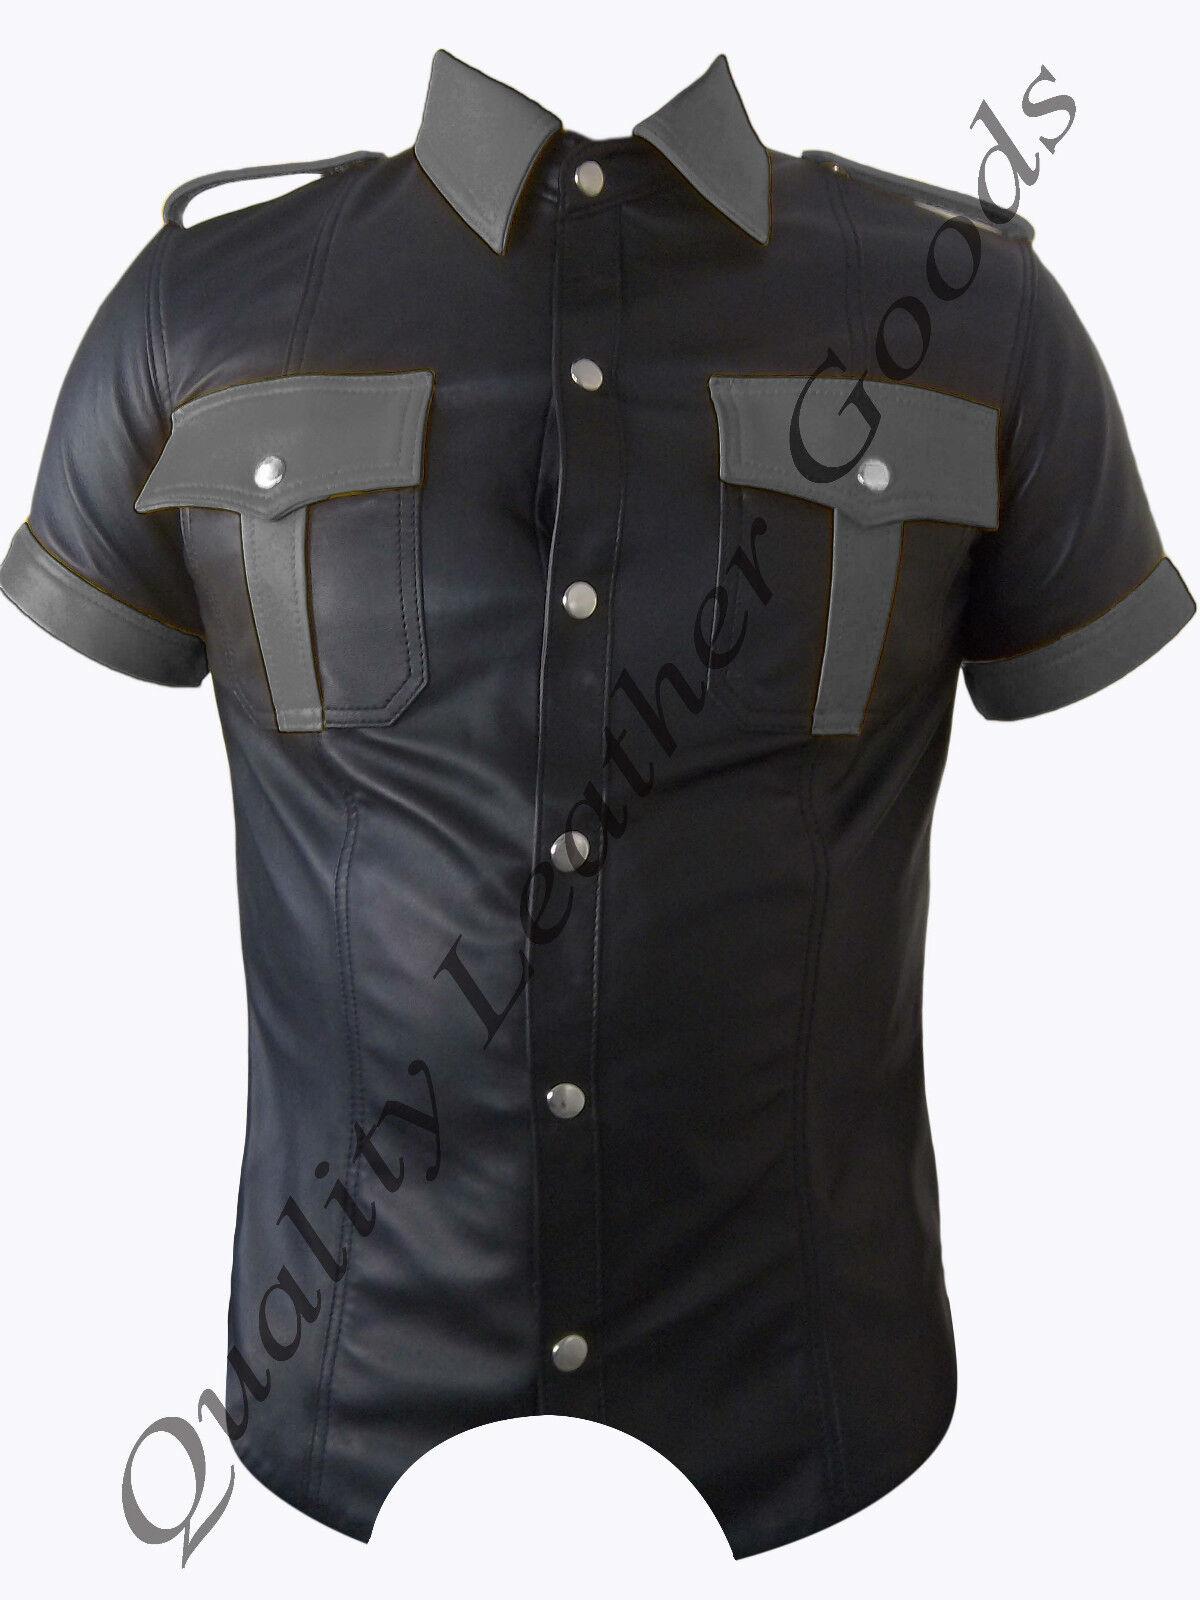 Camicia in Pelle Pelle Pelle Premium Nappa coloreate a contrasto uniforme Costume Fantasia BLUF Gay 836b08